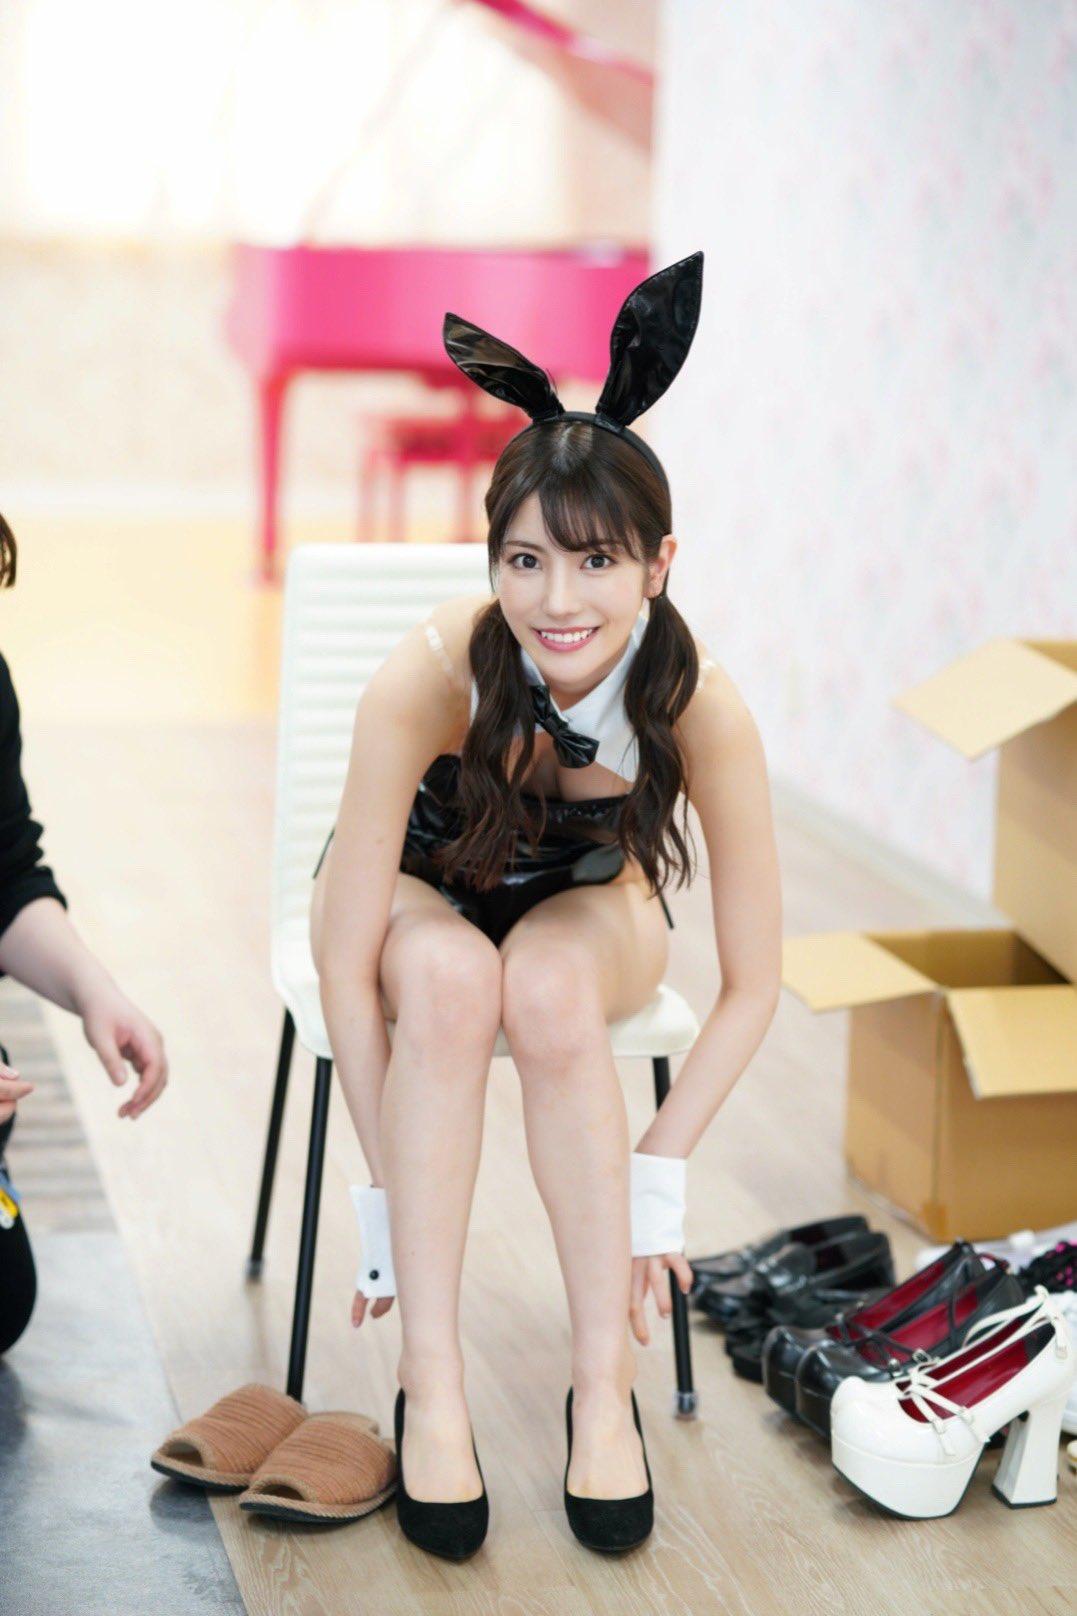 日本女星 枫可怜日常生活美图照片欣赏-觅爱图